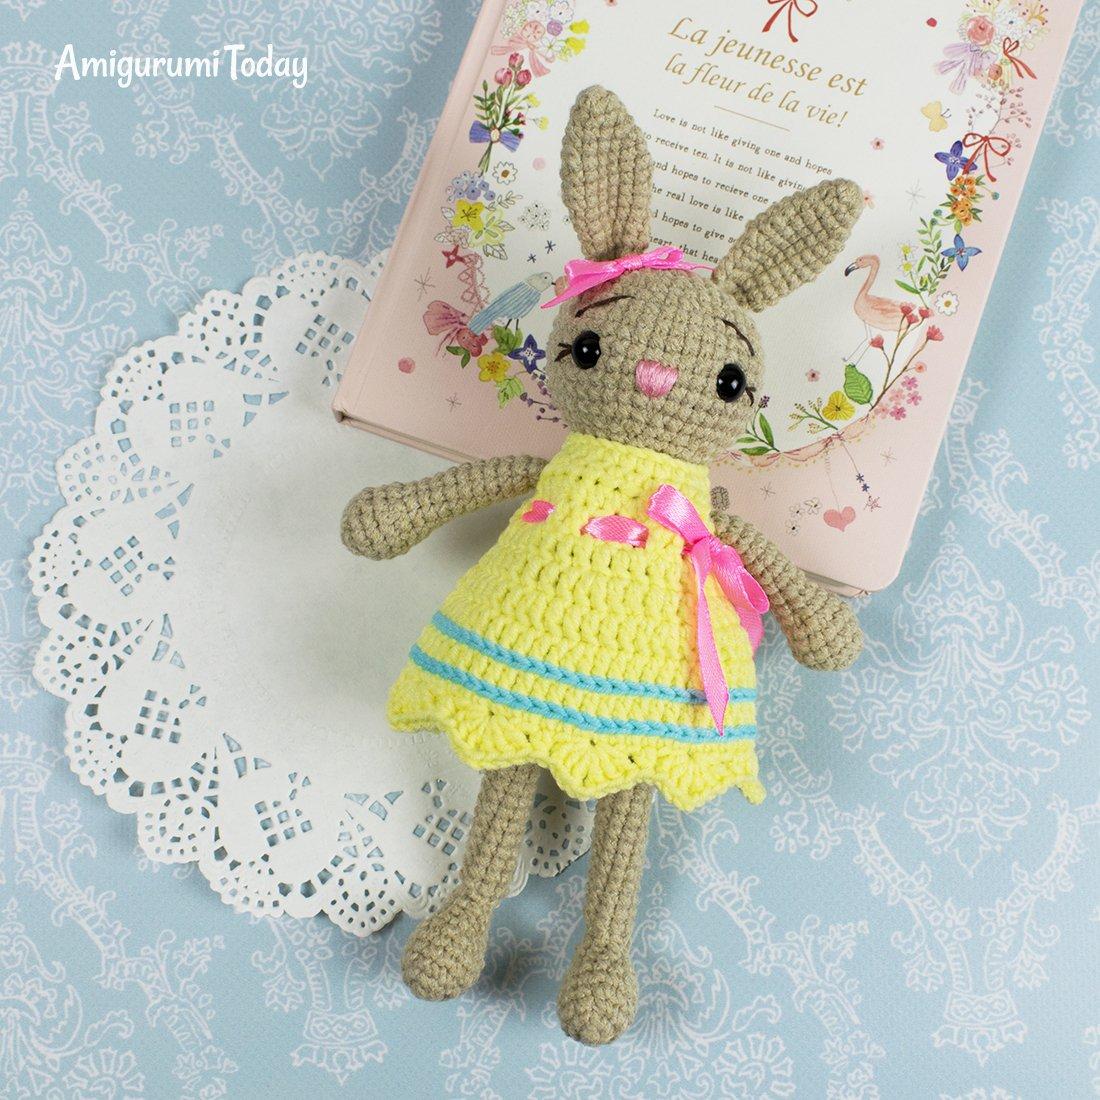 Pretty Bunny amigurumi in pink dress - Amigurumi Today | 1100x1100